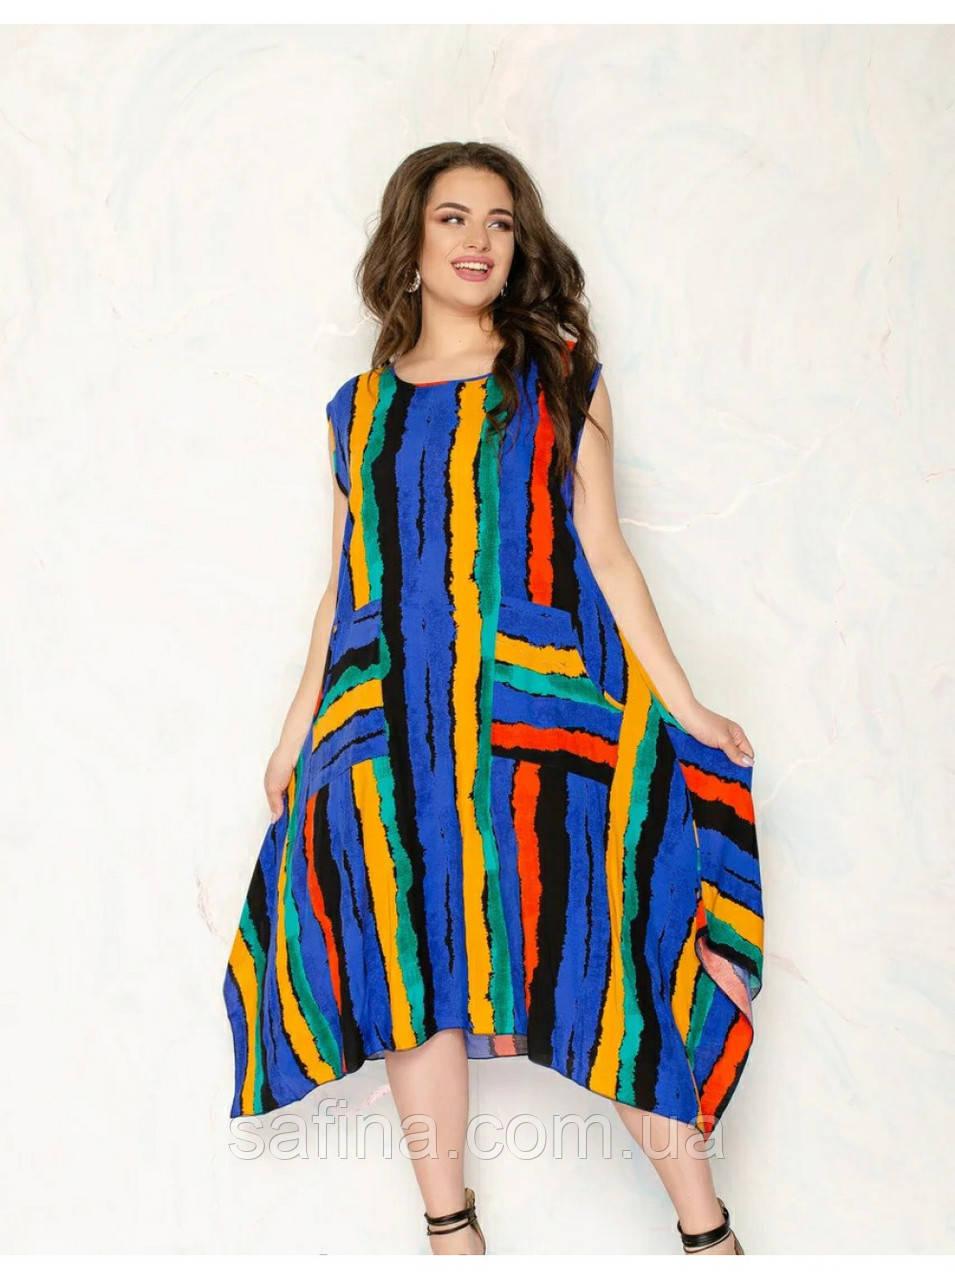 Яркое платье в полоску с карманами Электрик